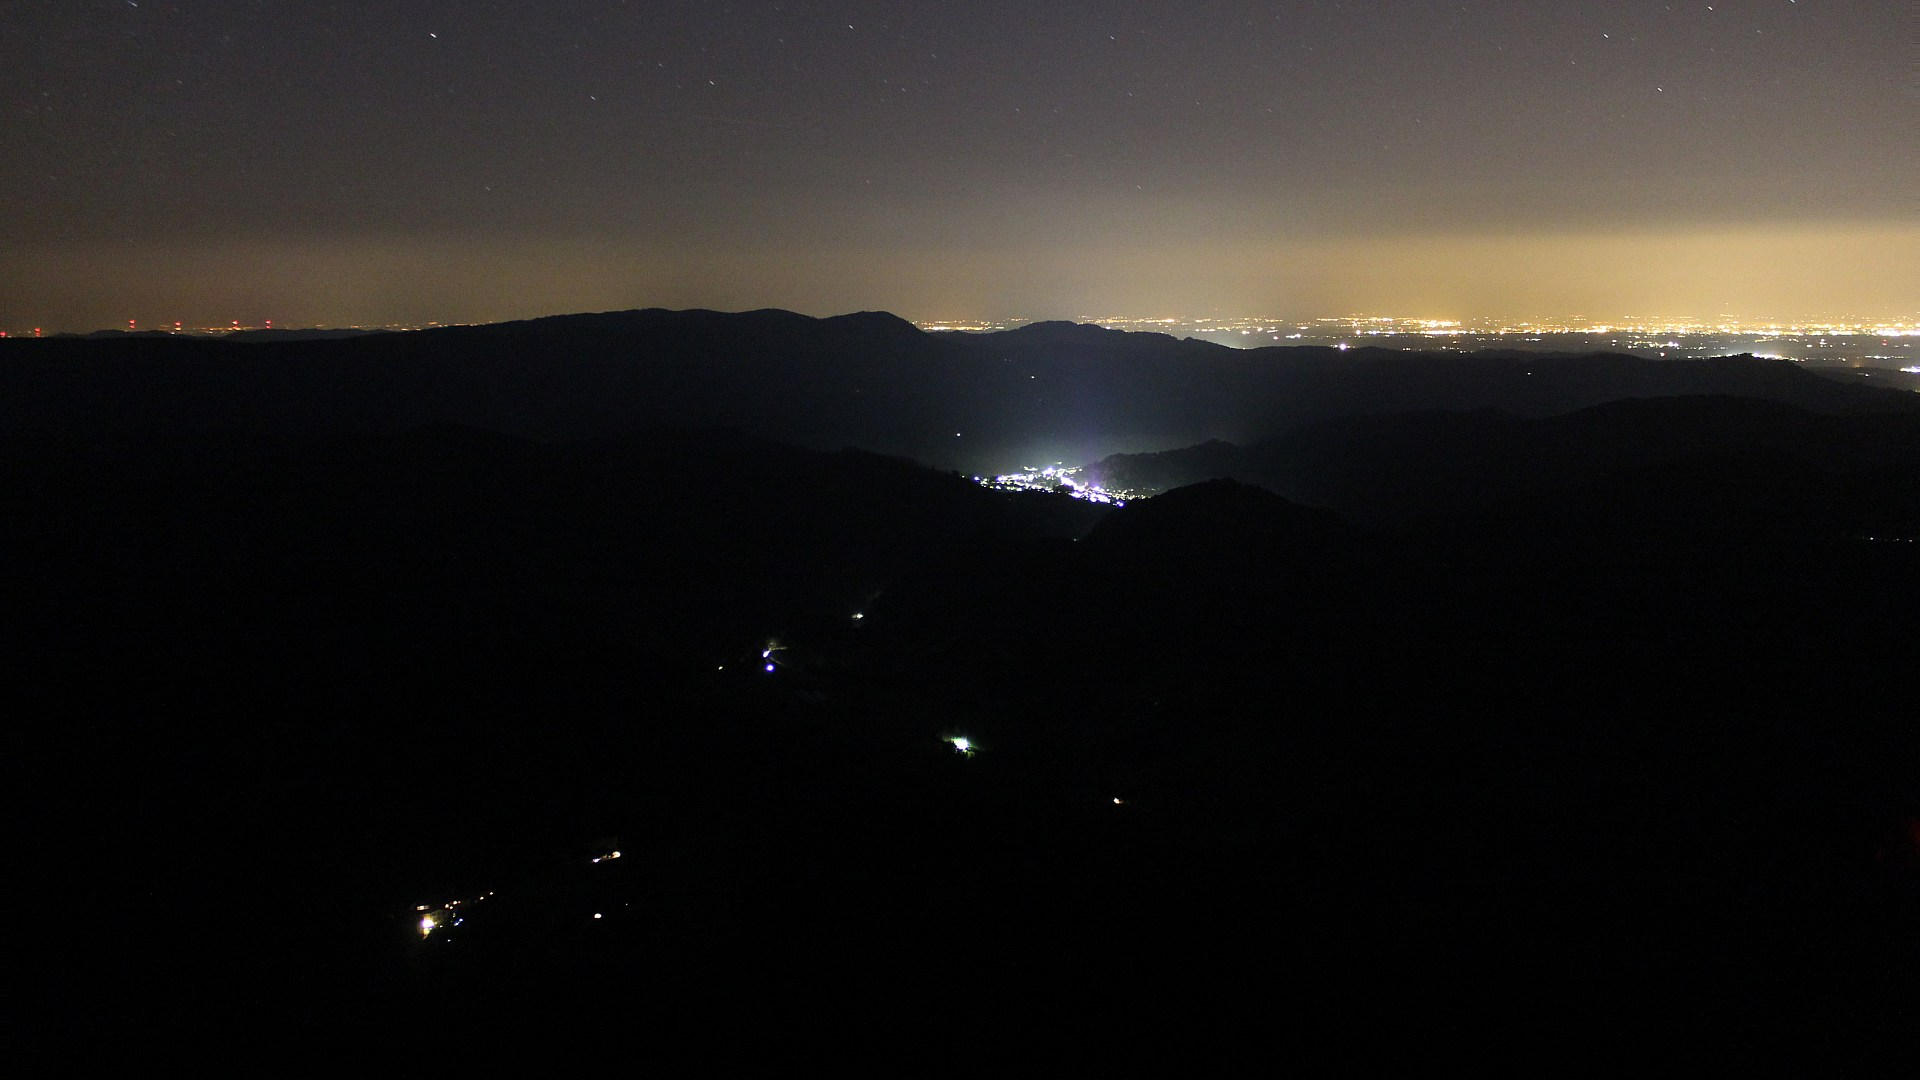 Aufnahme: Buchkopfturm vom 26.08.2019 01:30